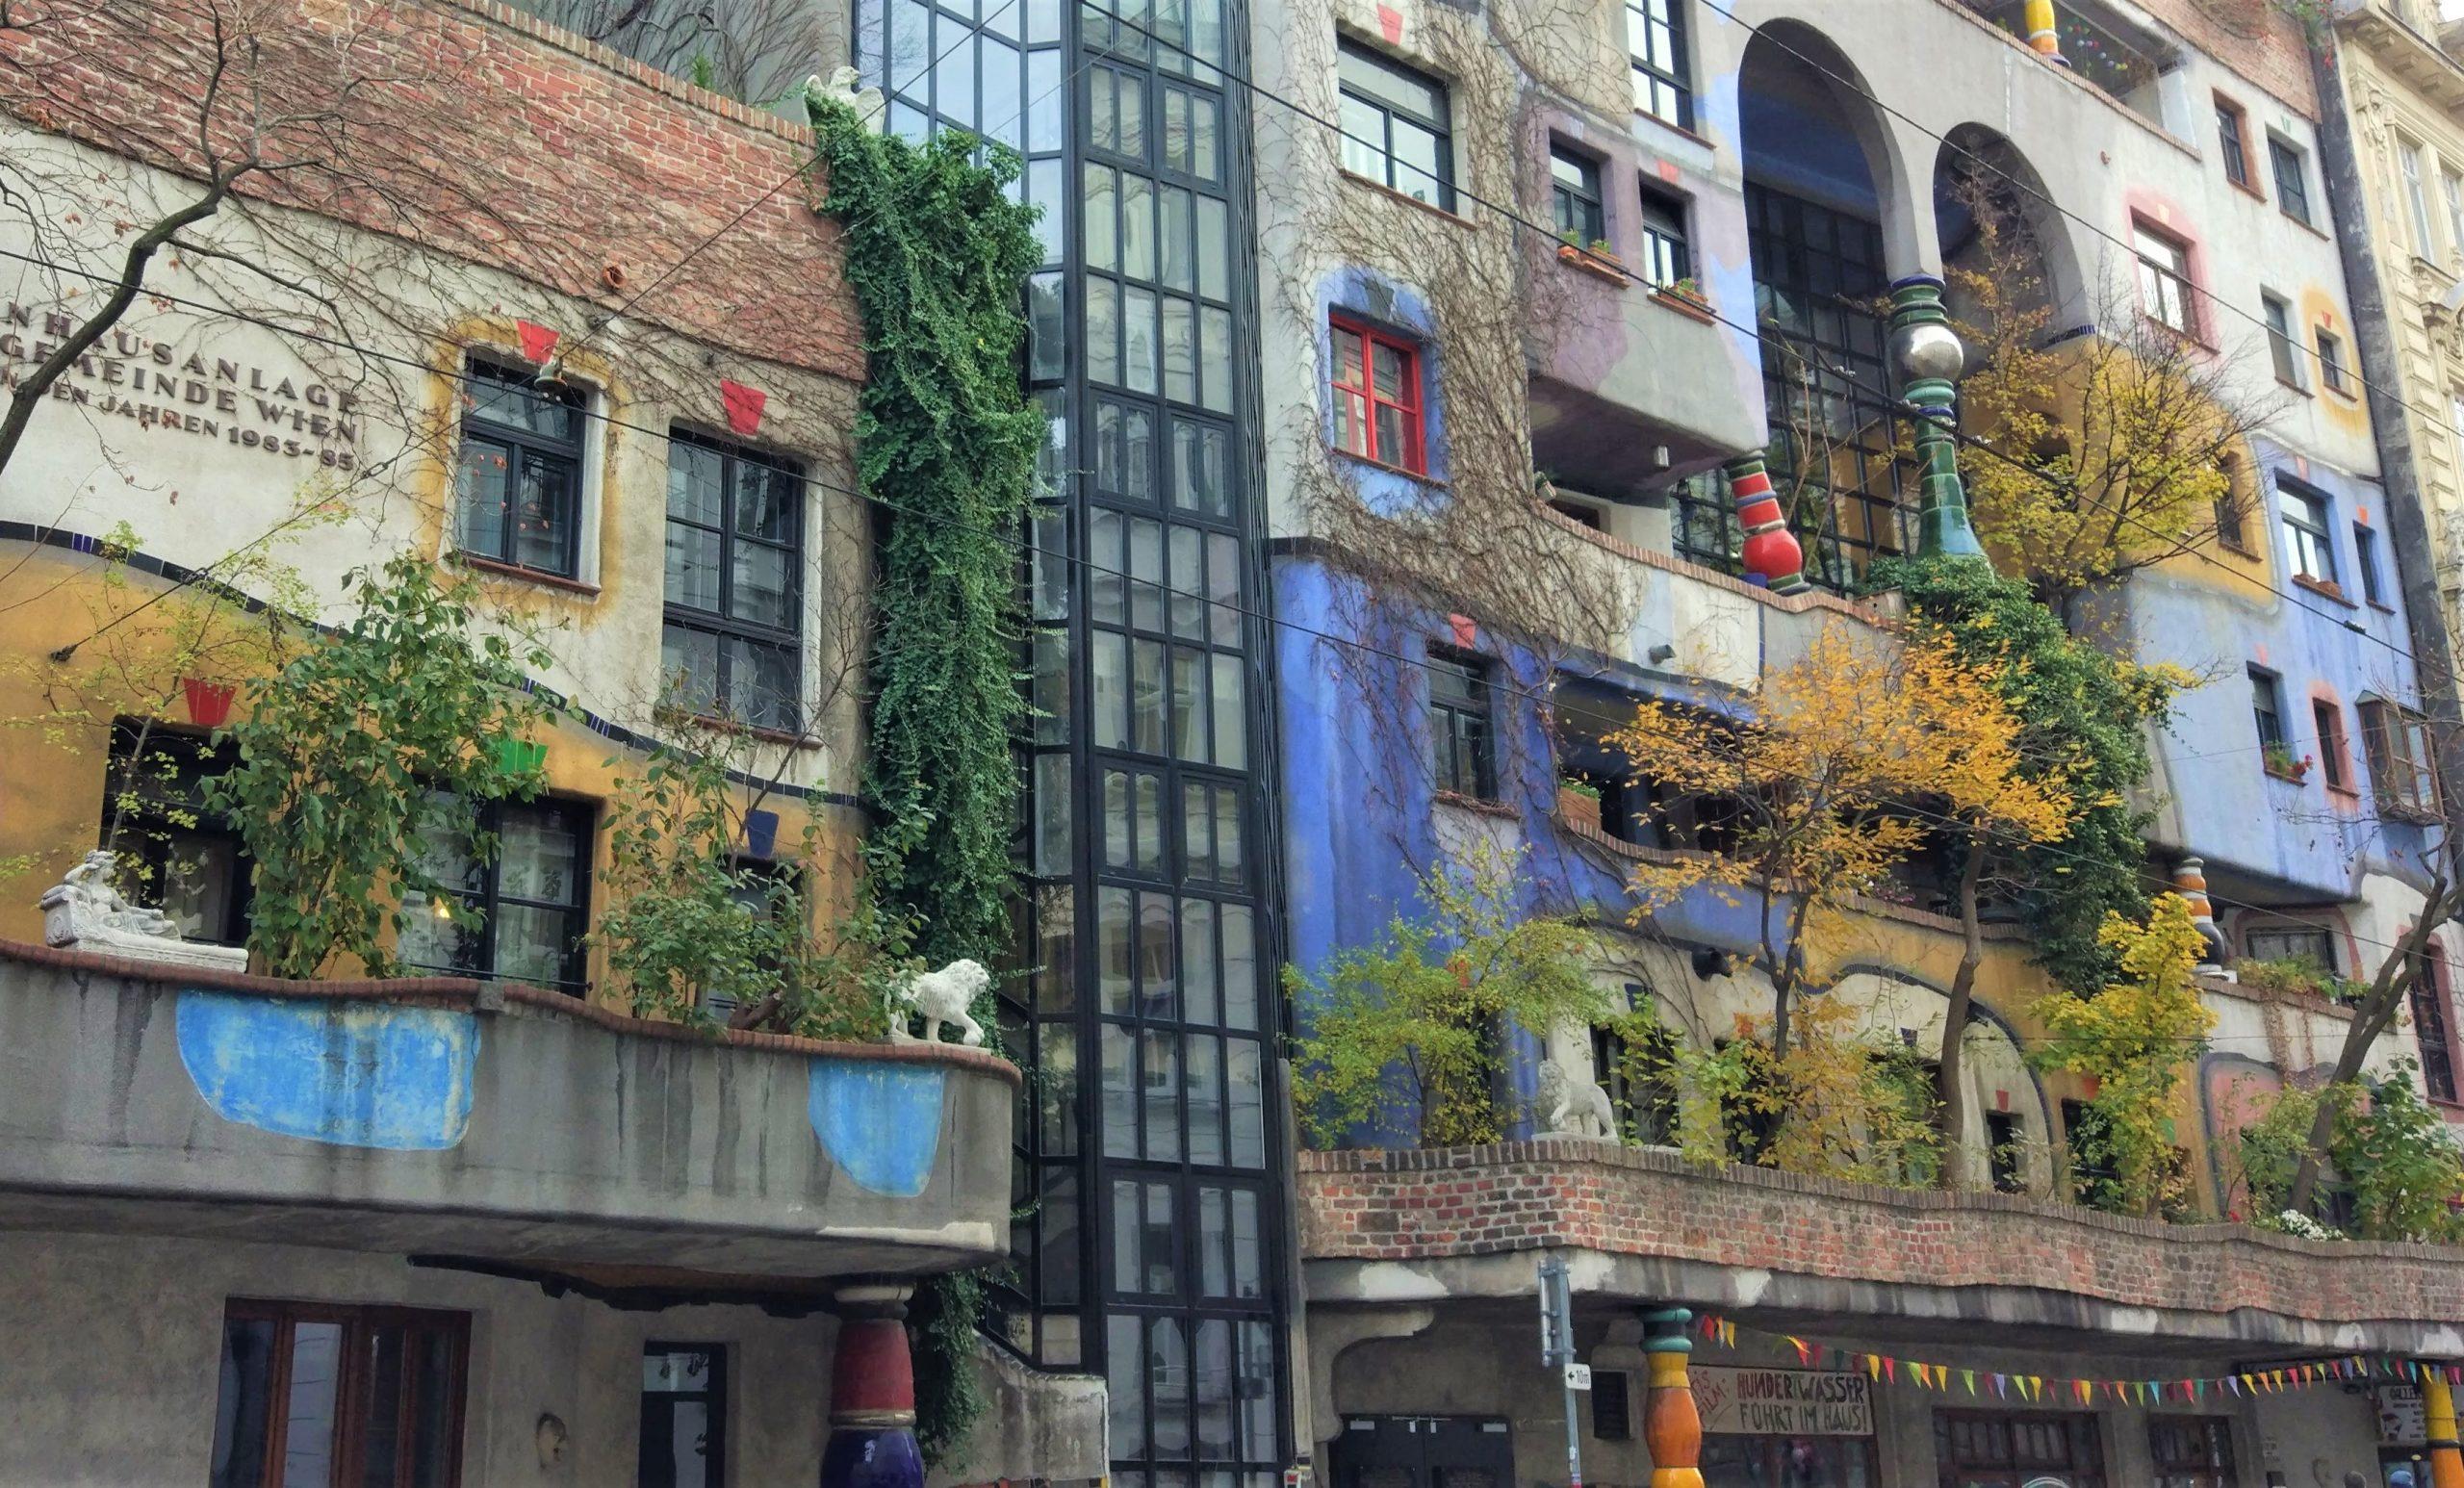 Hundertwasserhaus, complesso di case popolari, giardini pensili